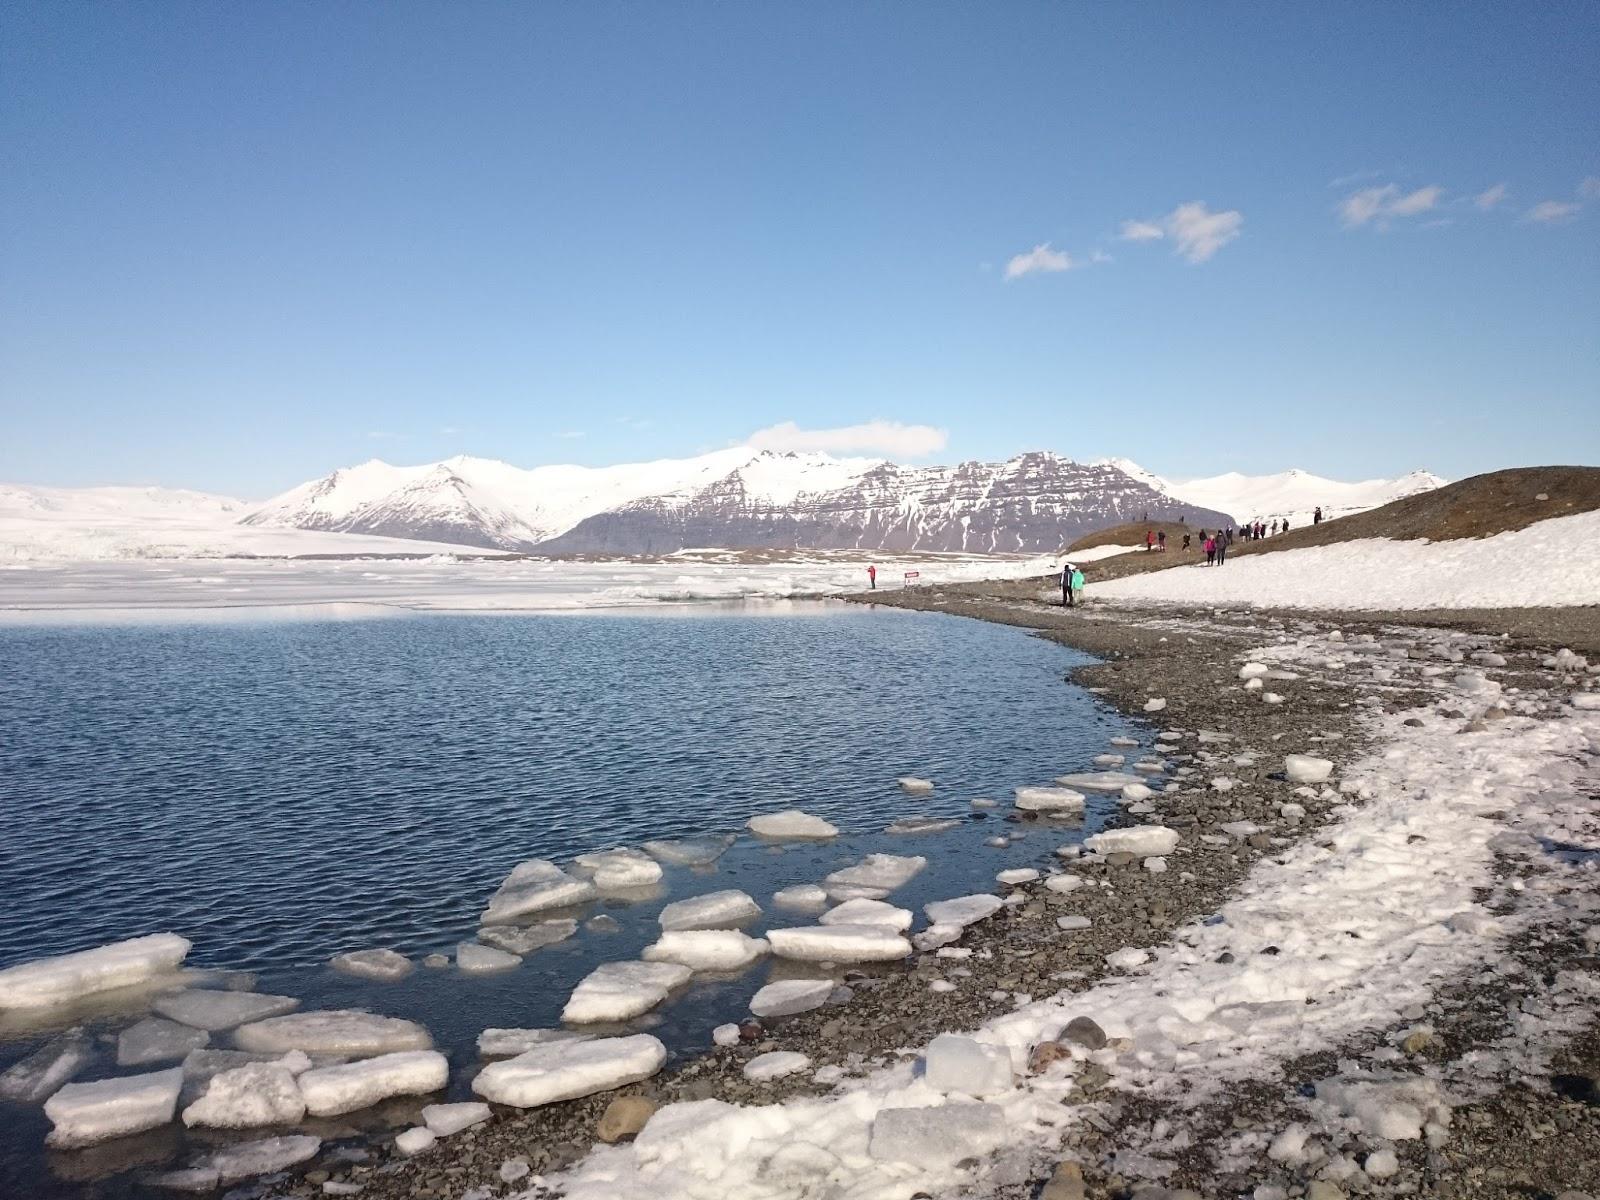 Laguna Lodowcowa Jokulsarlon, islandzkie atrakcje, Islandia, zwiedzanie Islandii, co zwiedzić w Islandii, atrakcje Islandii